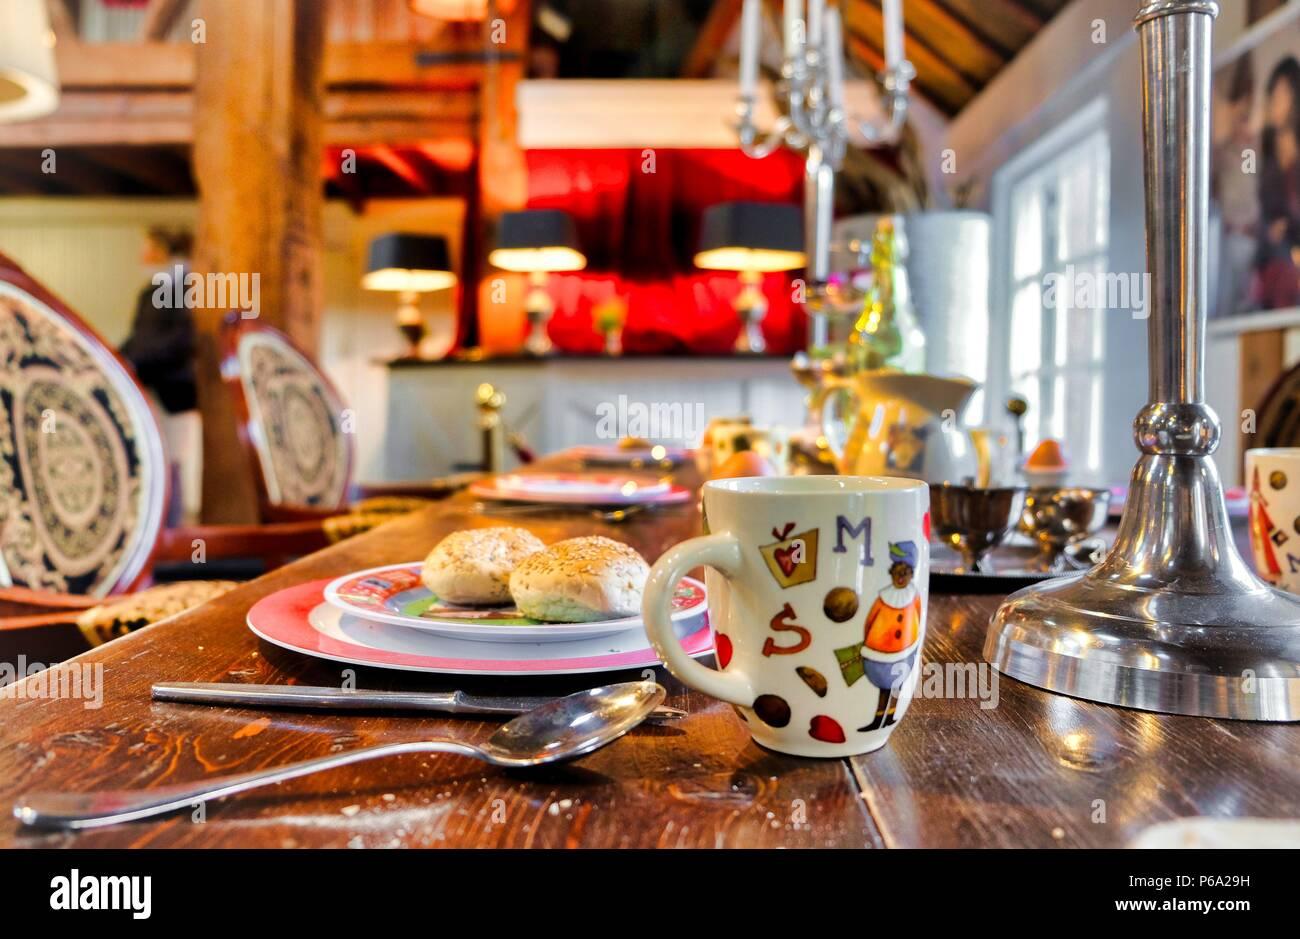 Les aliments sur une plaque sur une table dans une chambre Photo Stock